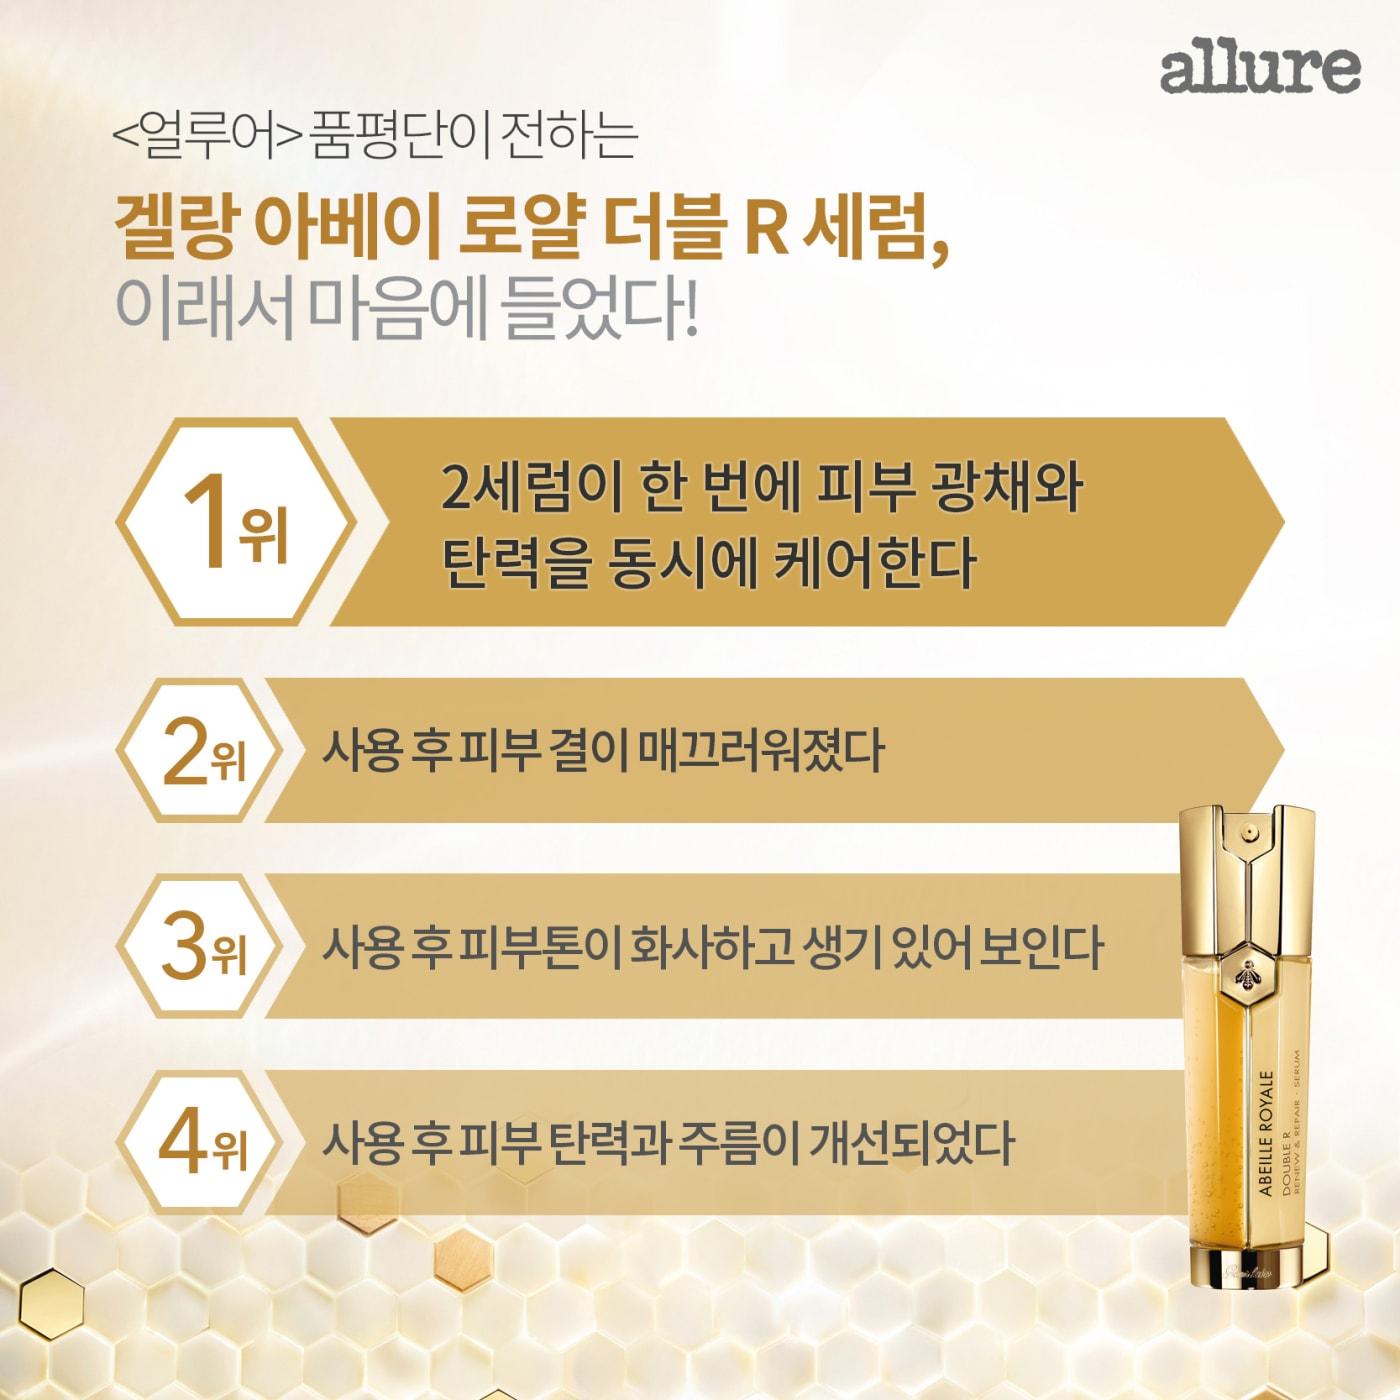 겔랑_카드뉴스_4(수정)